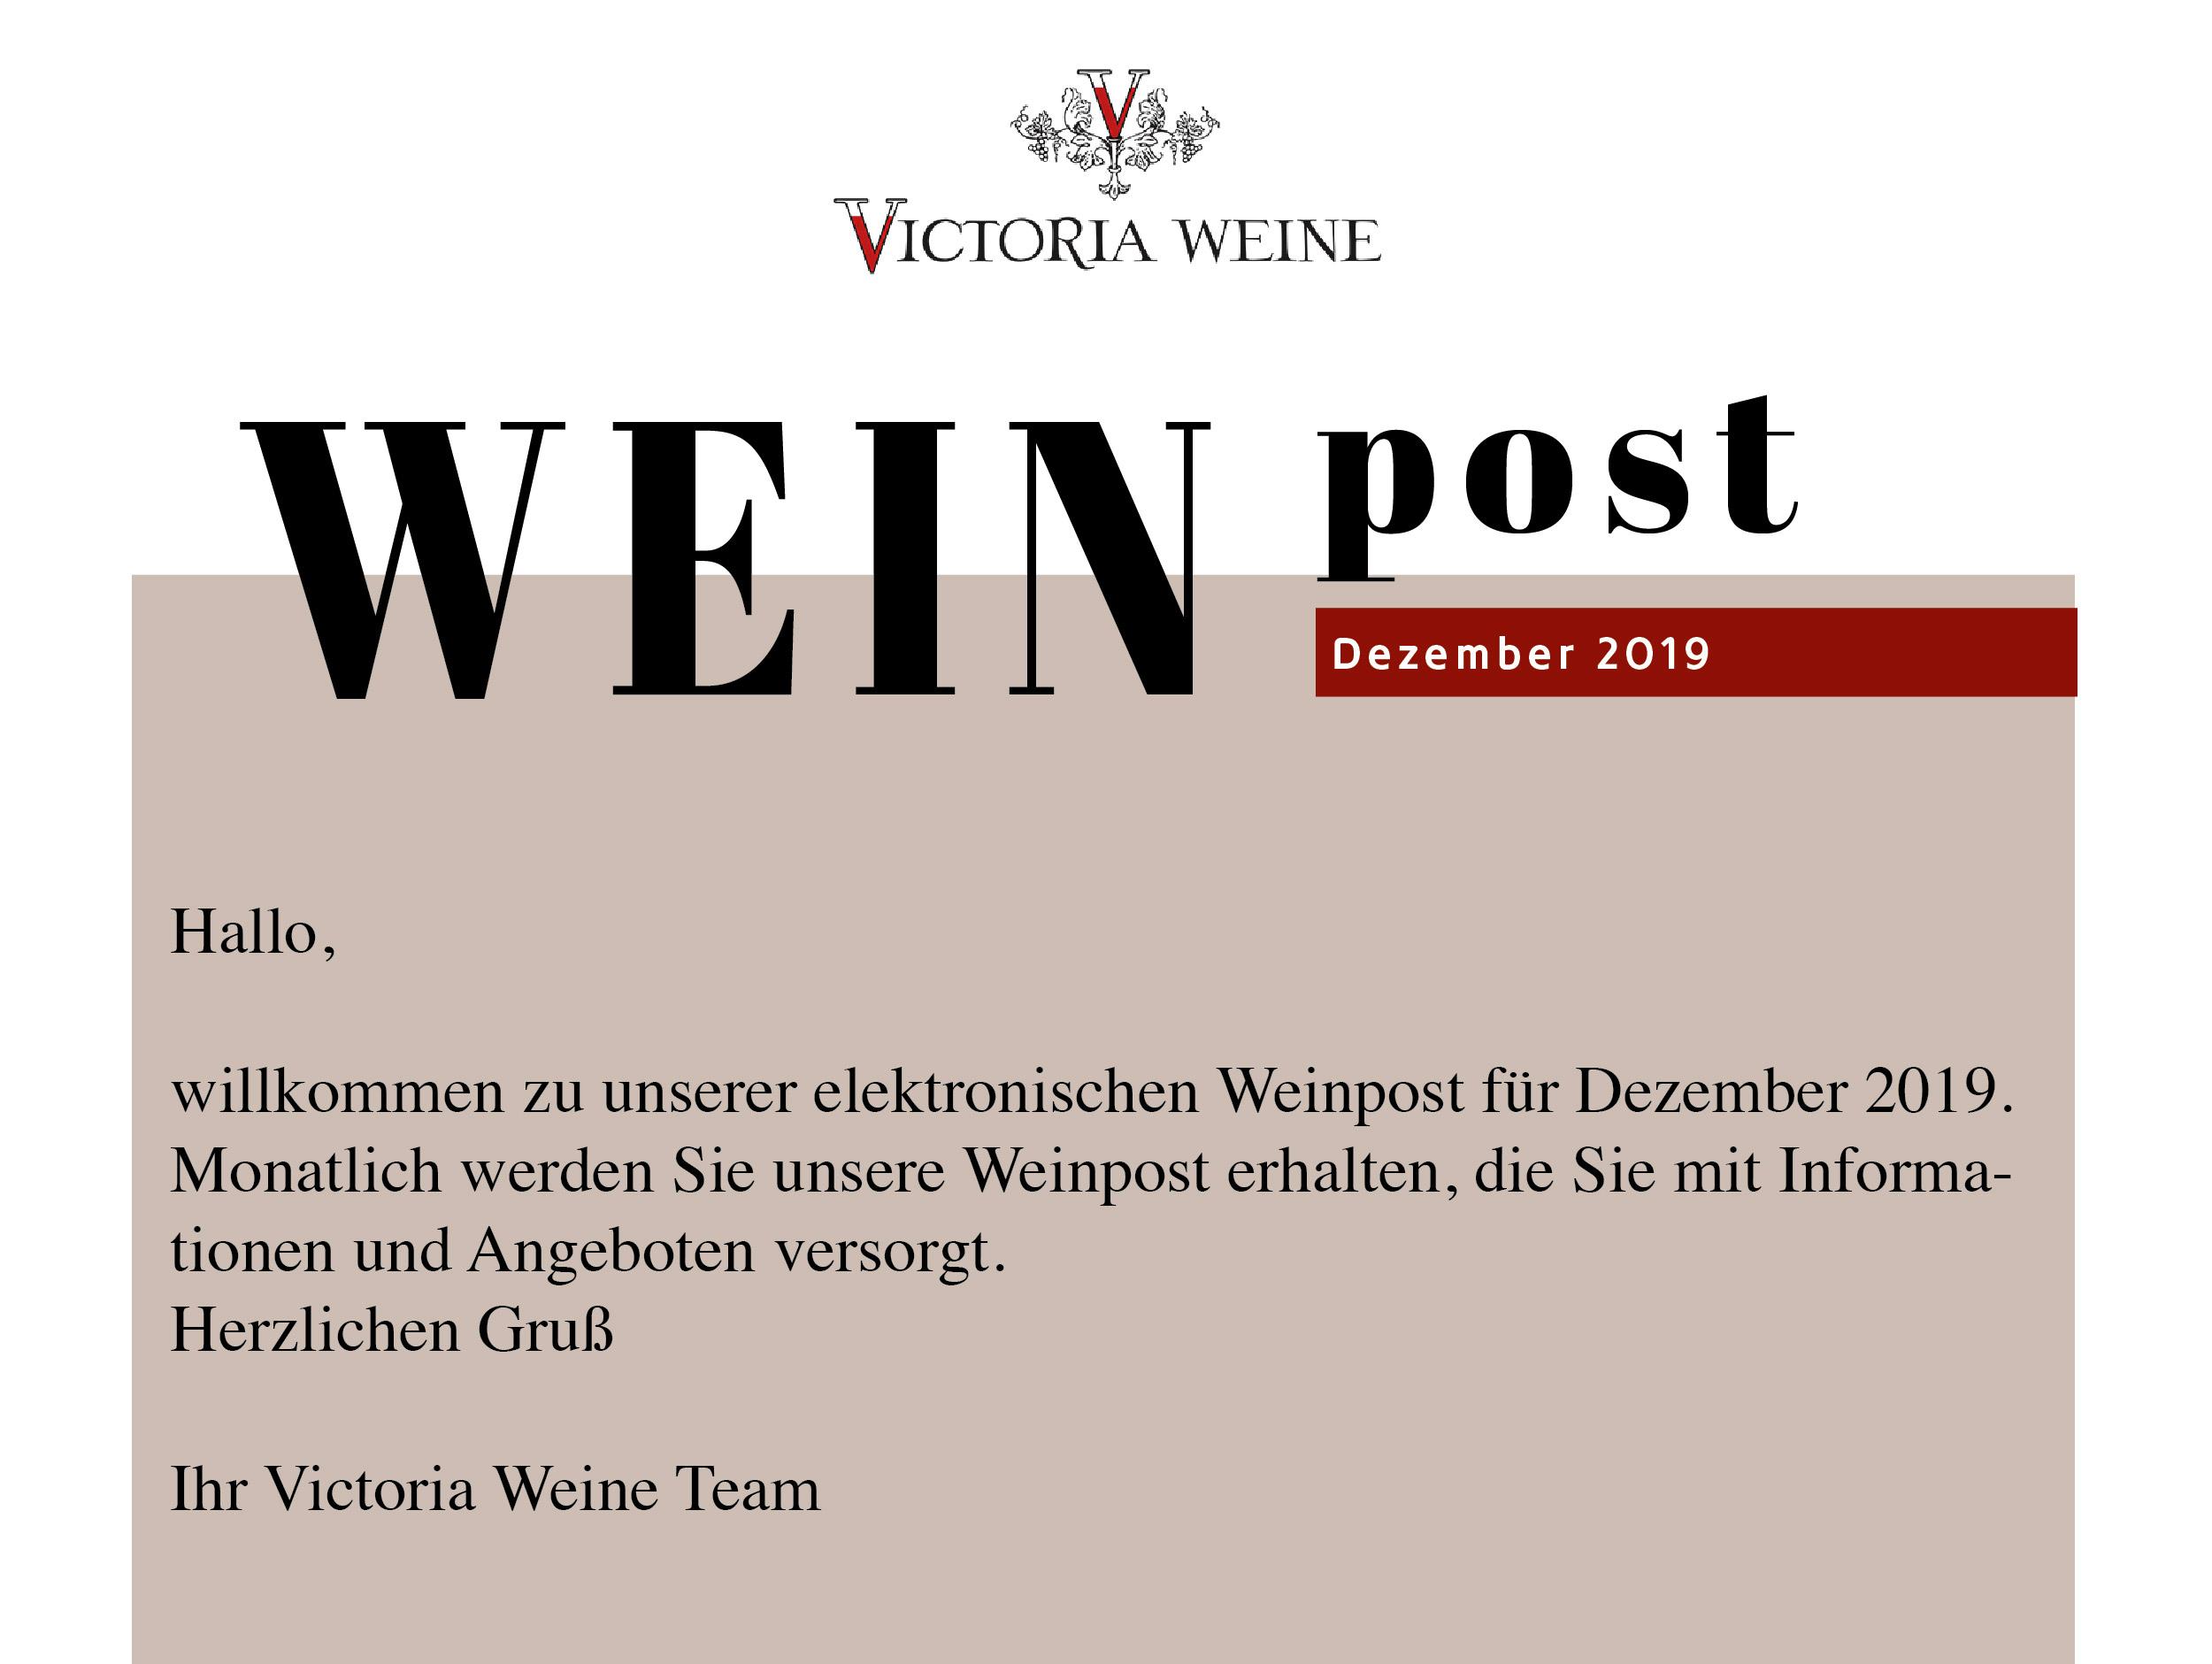 Victoria Weine